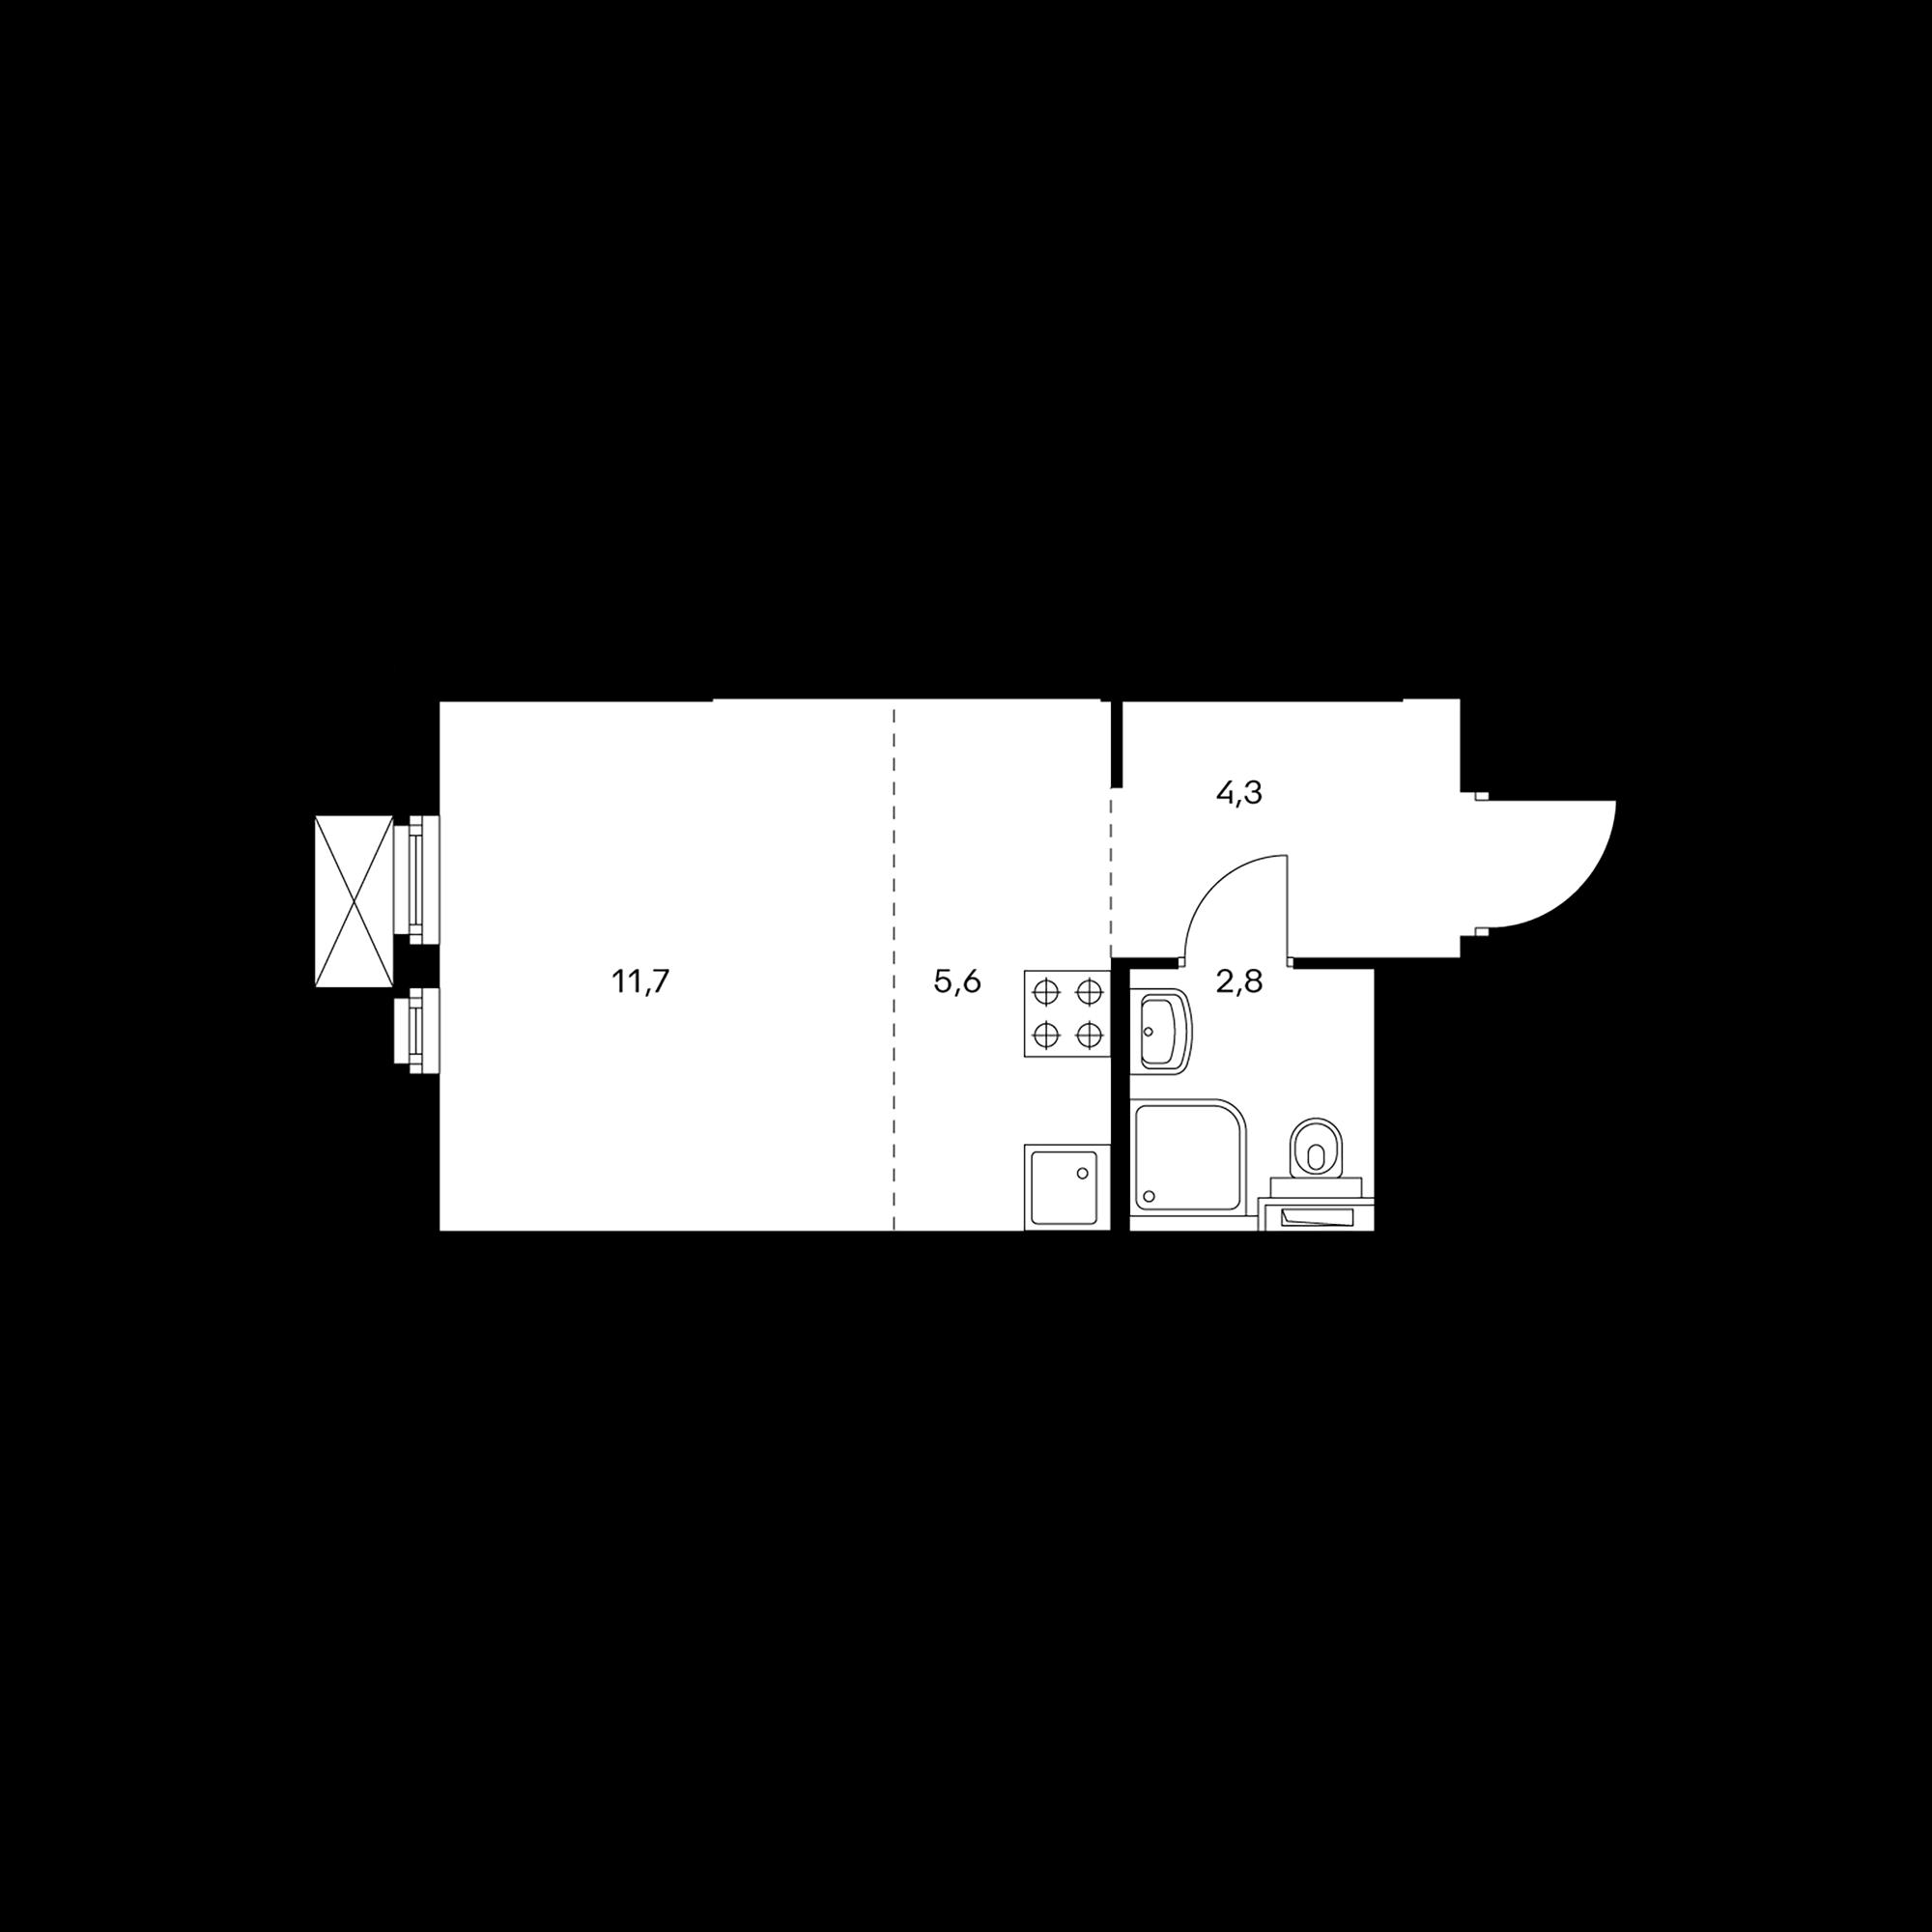 1NS1-1_SZ3*